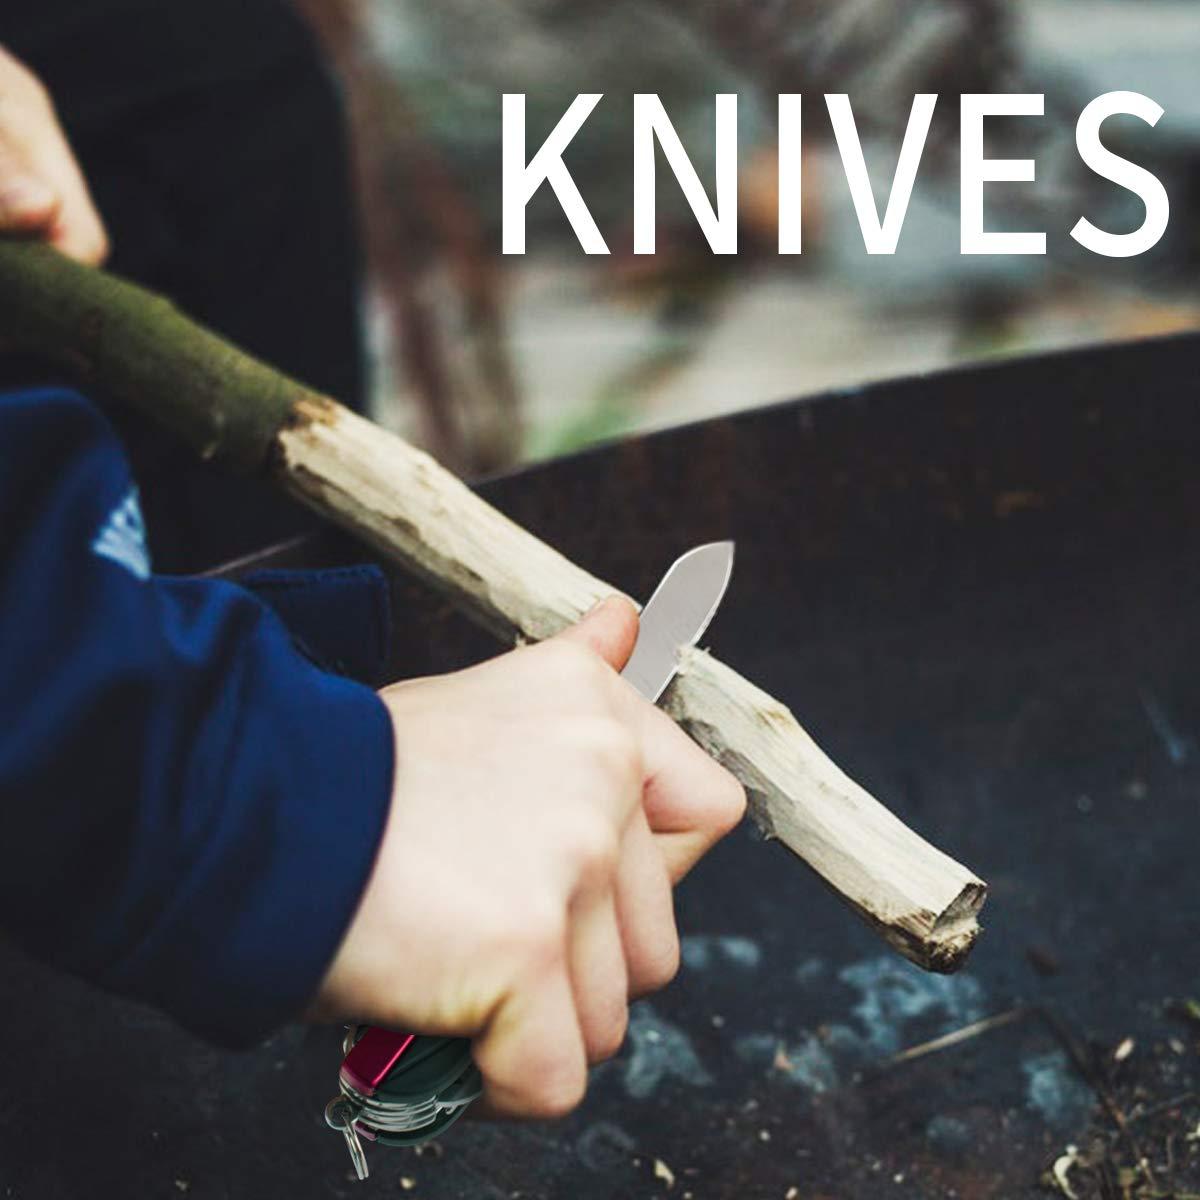 Morpilot Couteau Suisse, Couteau Multifonction Morpilot 15 en 1 et Boutefeu 5 en 1, Swiss Couteau Flint avec Tournevis, Ciseaux, Scie, Boussole